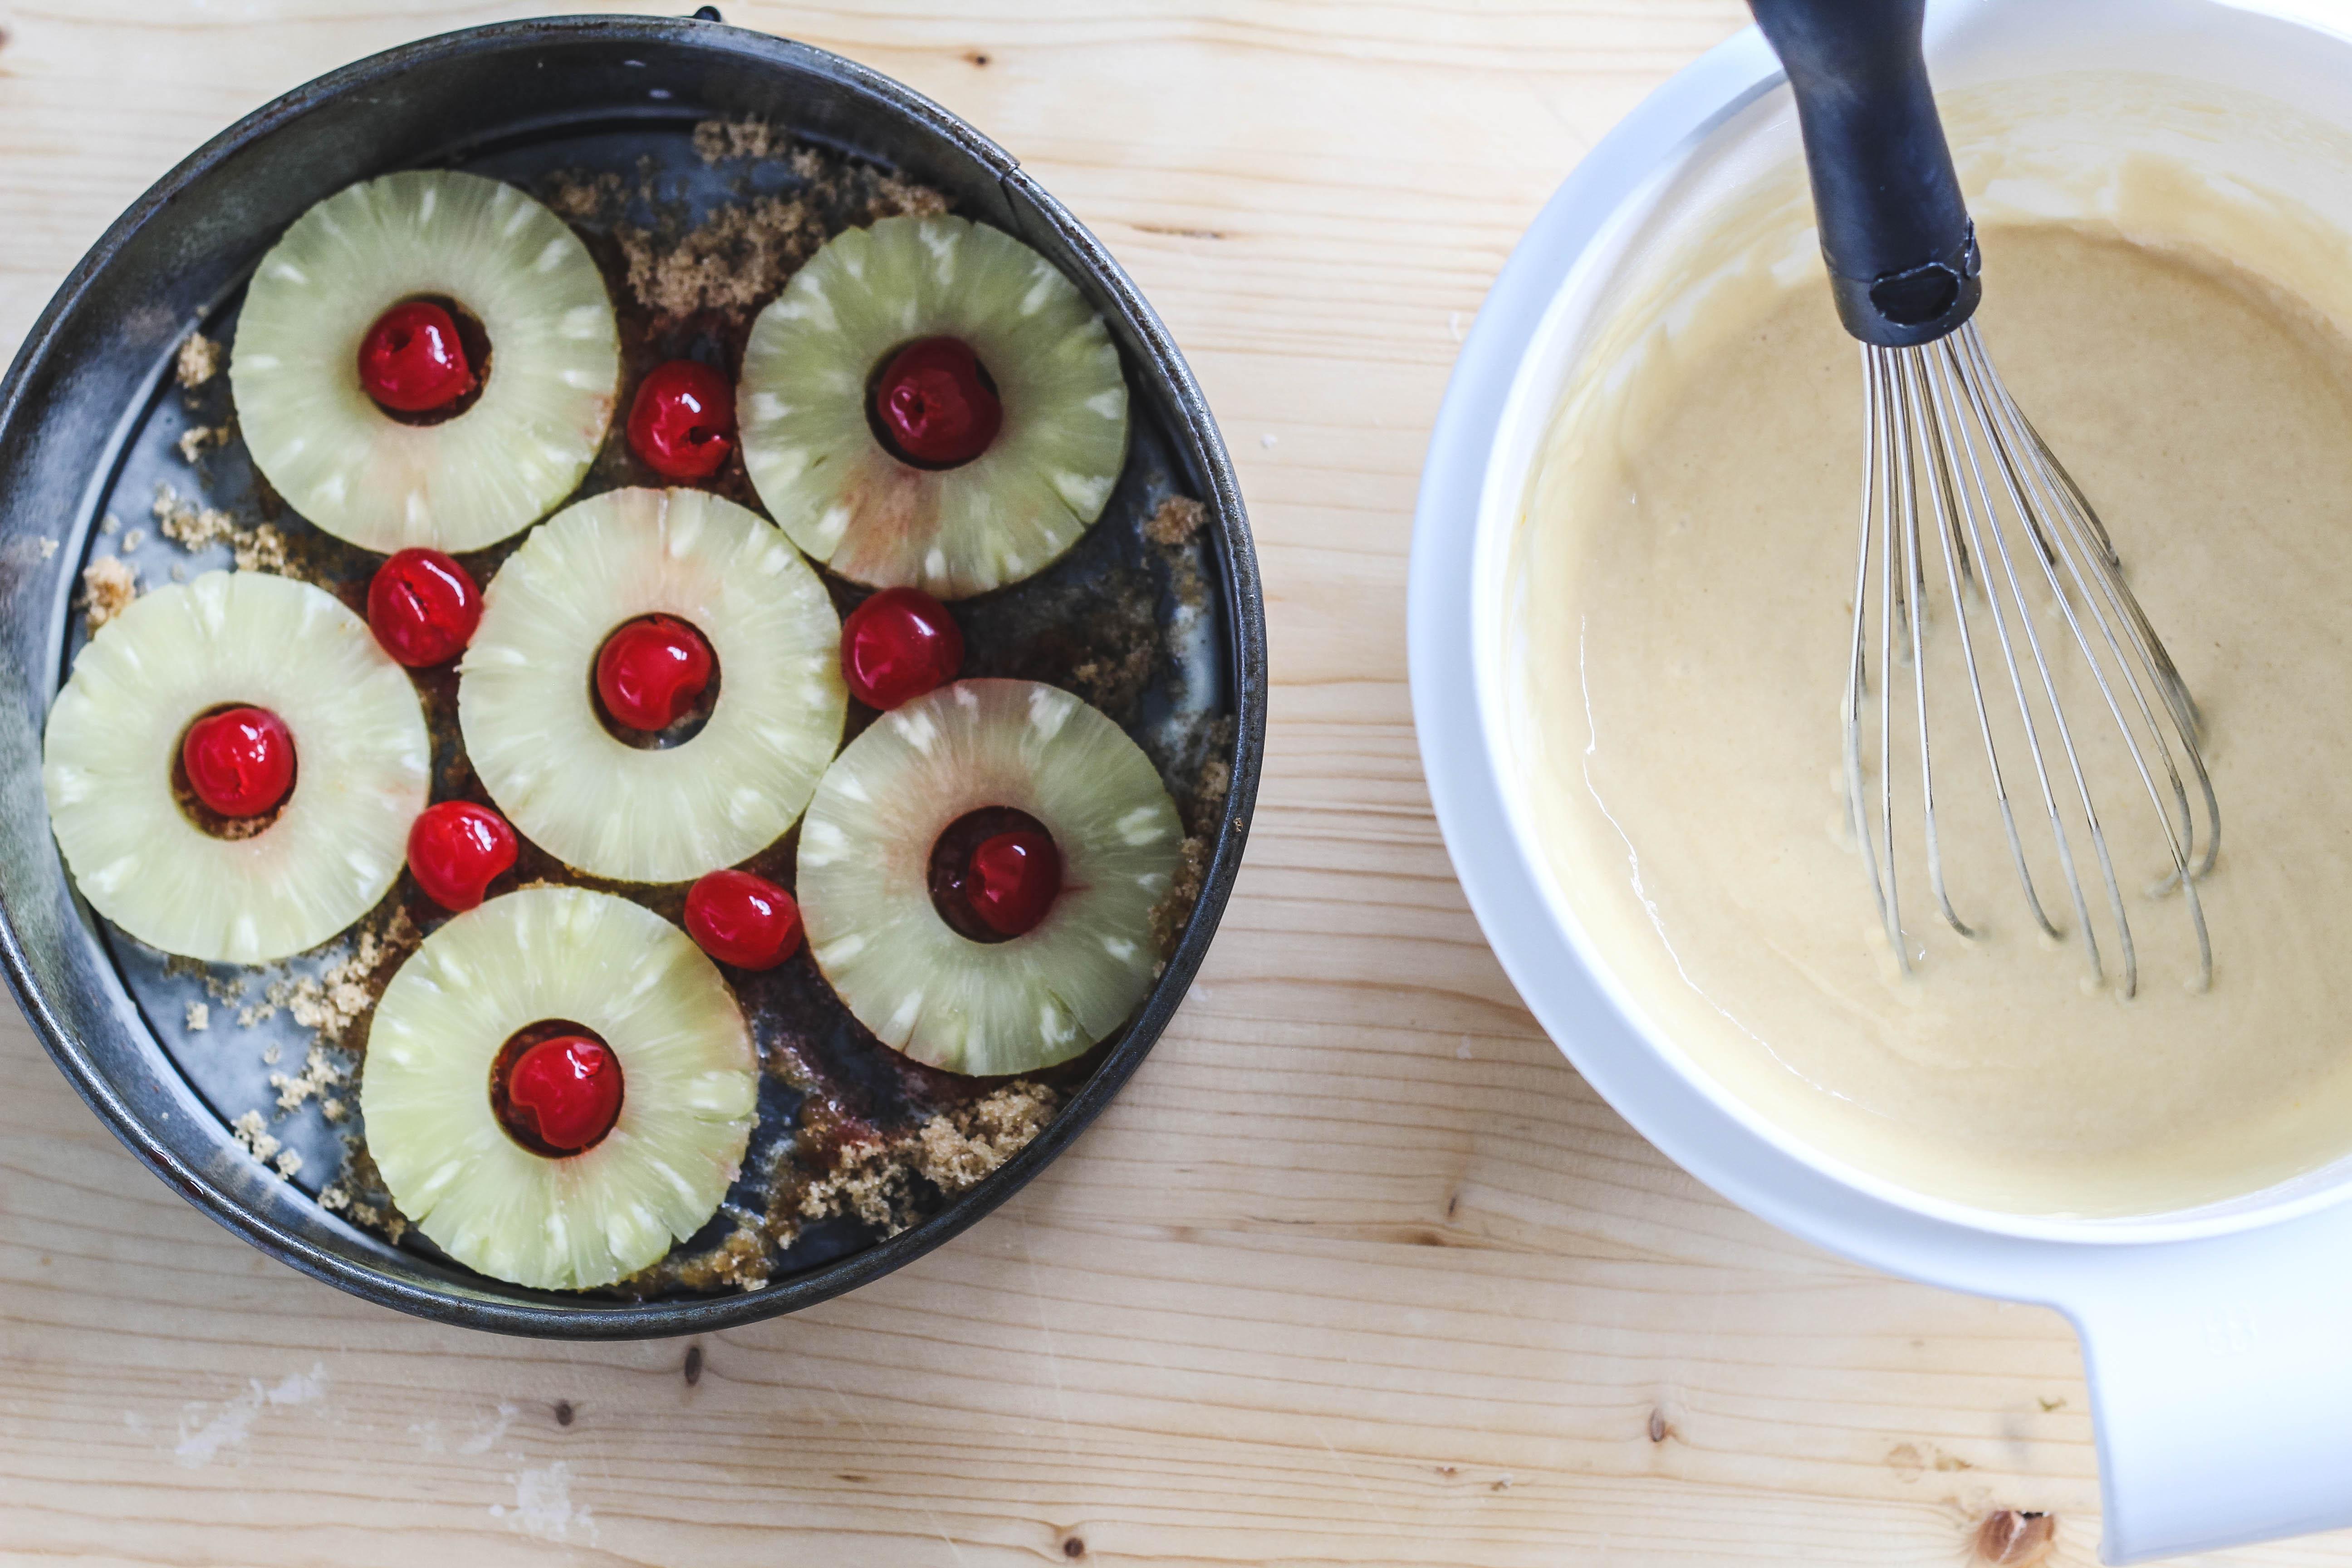 making a vegan pineapple upside down cake